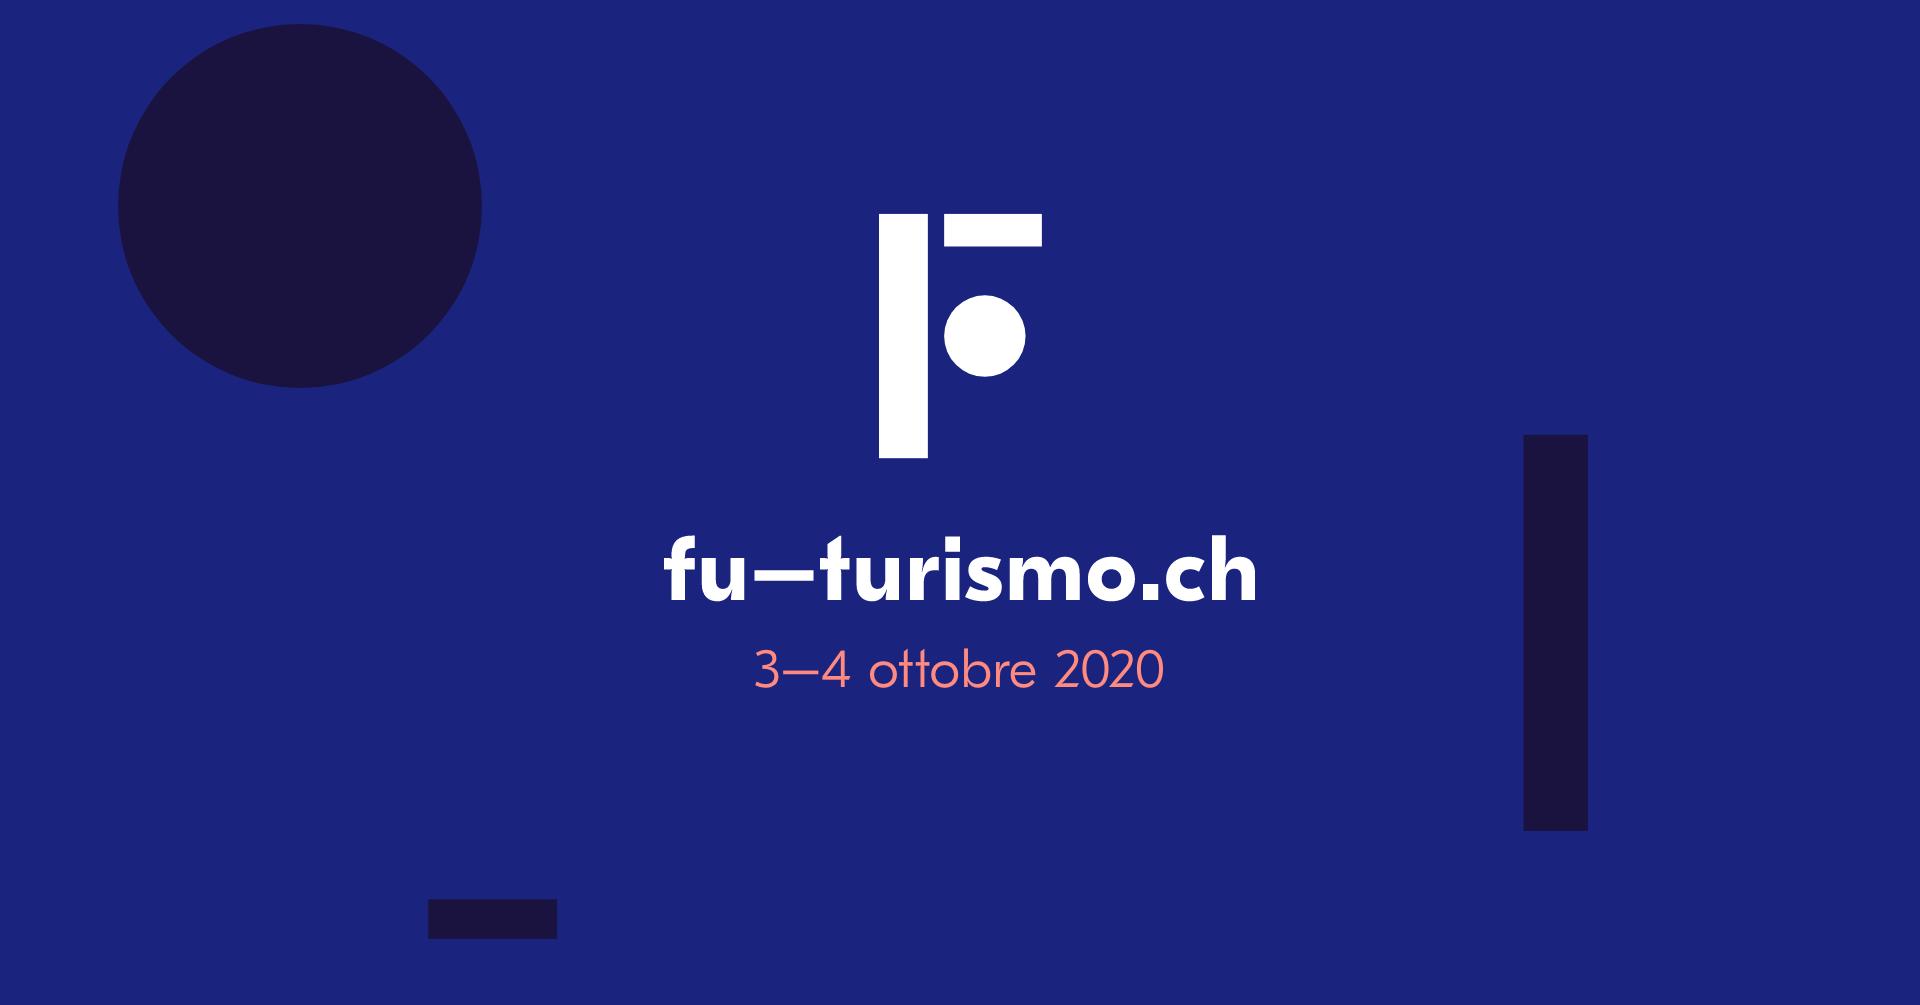 Fu-turismo: il futuro del turismo in Ticino